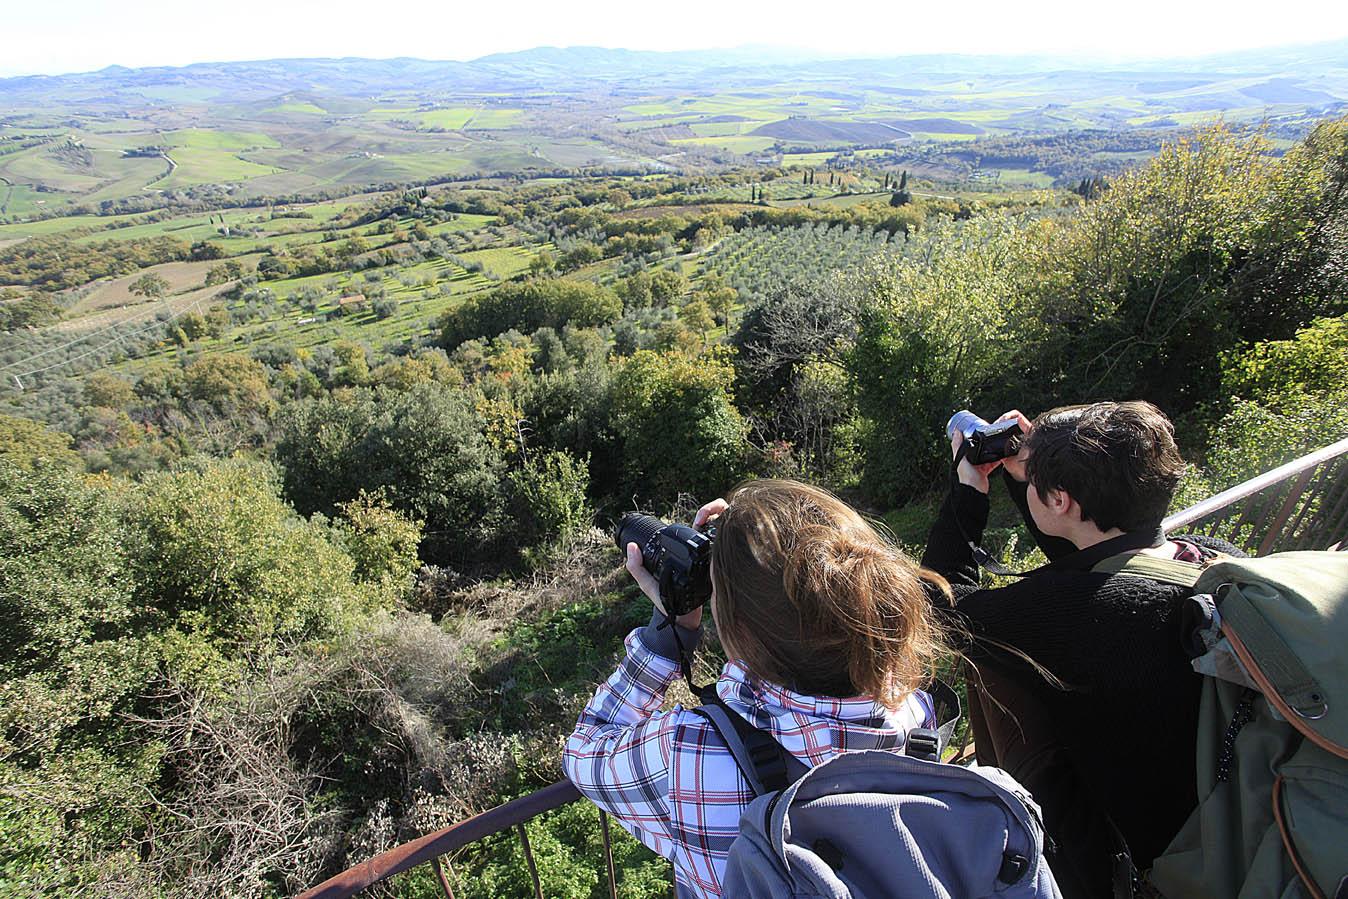 Panorama da Vignoni vecchia, foto di Enrico Caracciolo, all rights reserved